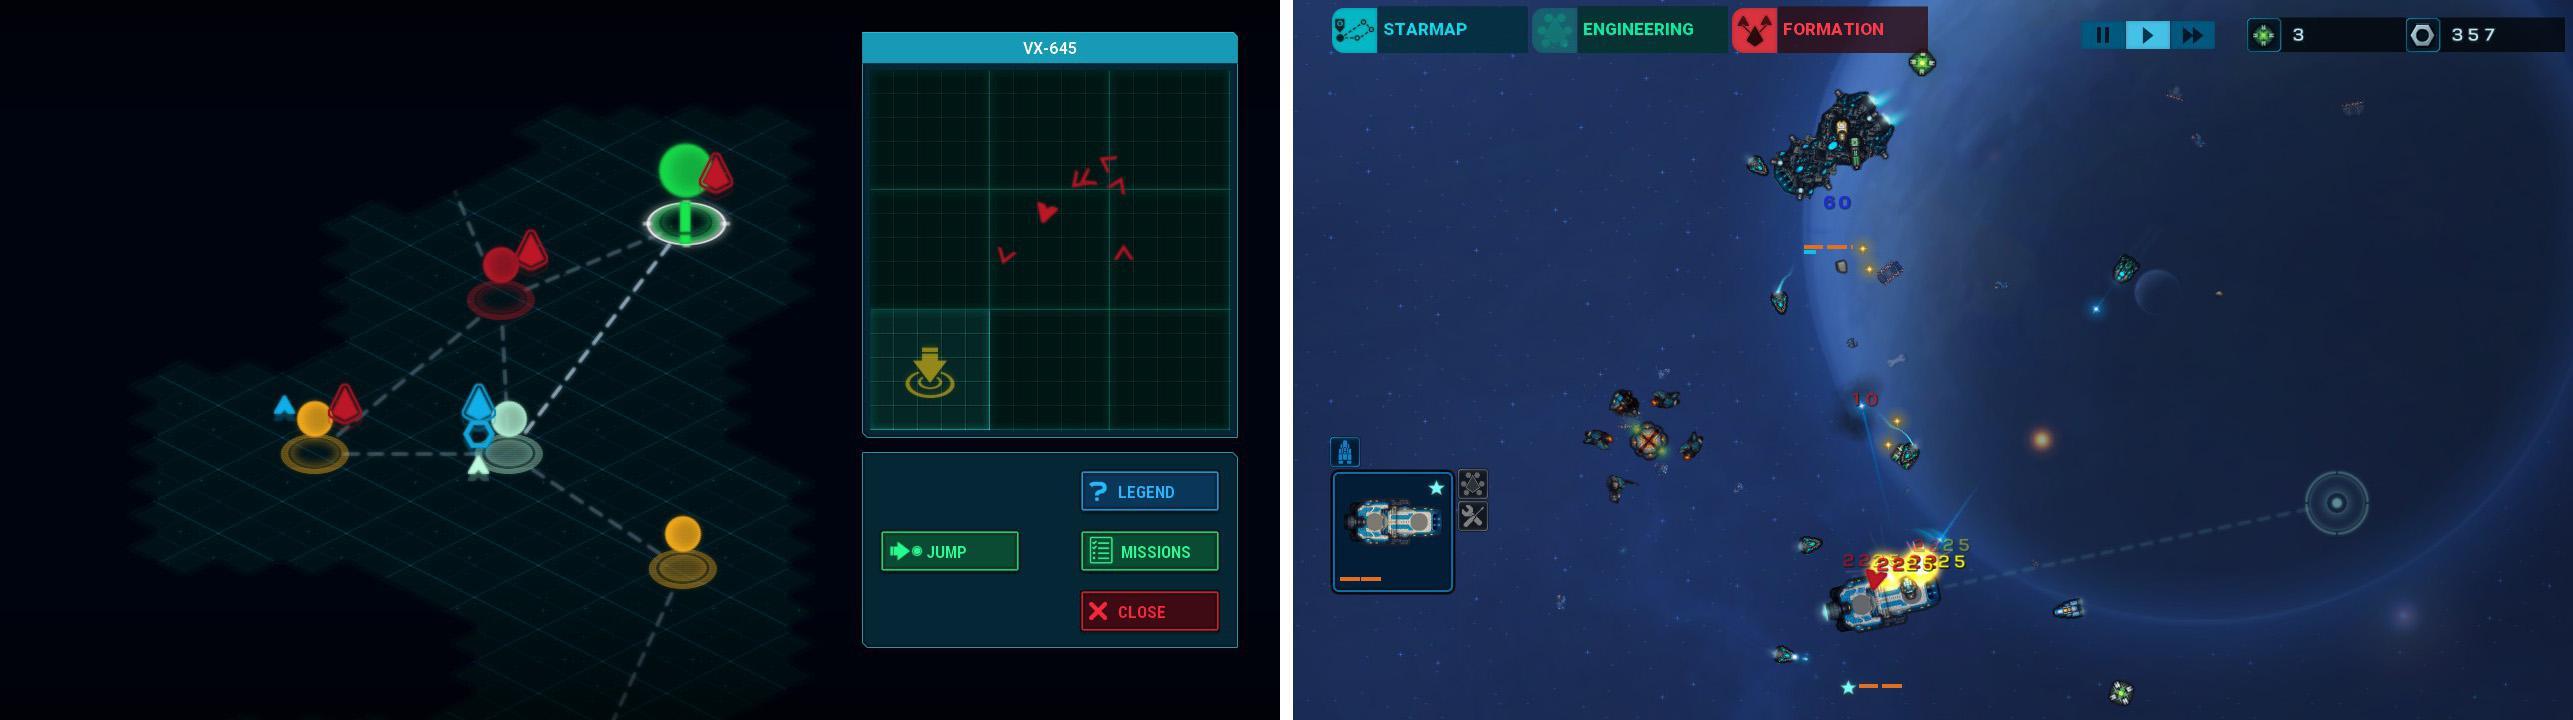 画像左: 移動パート。移動先の星系と、ワープアウトする位置を決めてジャンプする。 画像右: 戦闘パート。リアルタイム制ストラテジー。基本的には移動と戦闘のくりかえし。『FTL』のように移動先での選択式イベントはない。